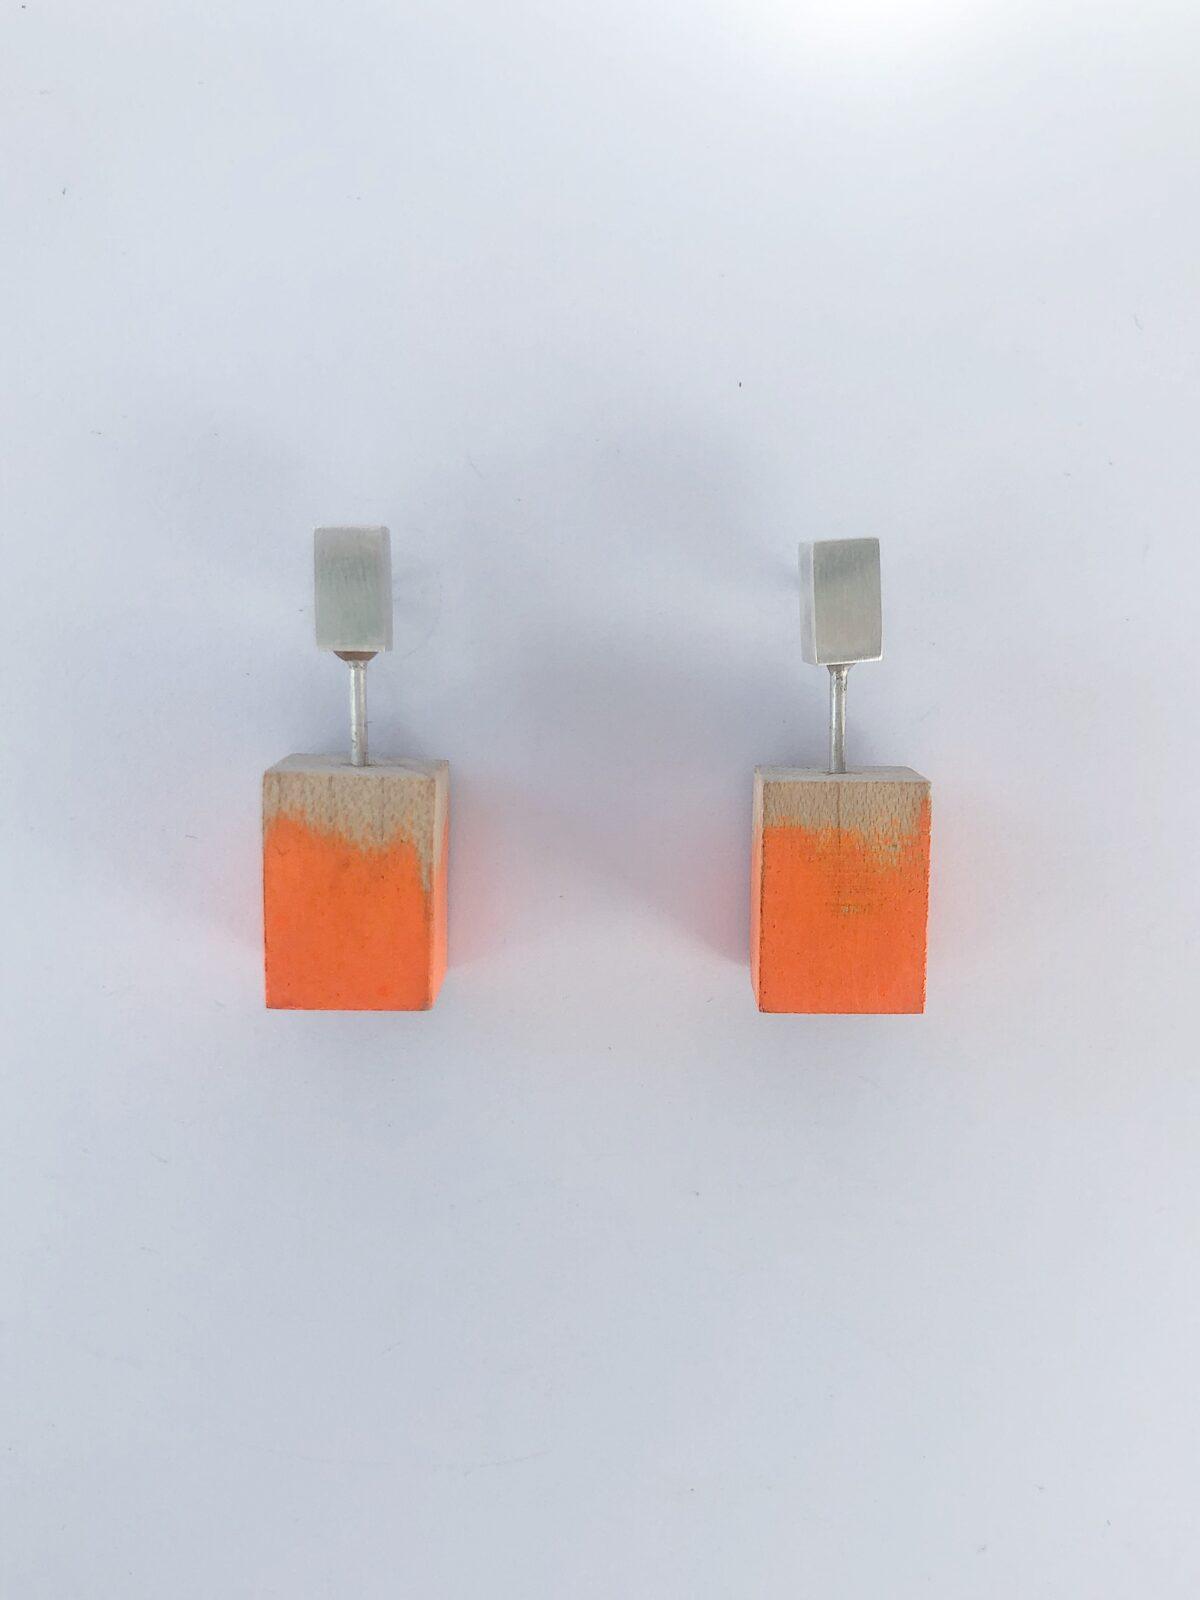 1828FF4C-B47C-416B-B1DA-1B1F45C5E60B